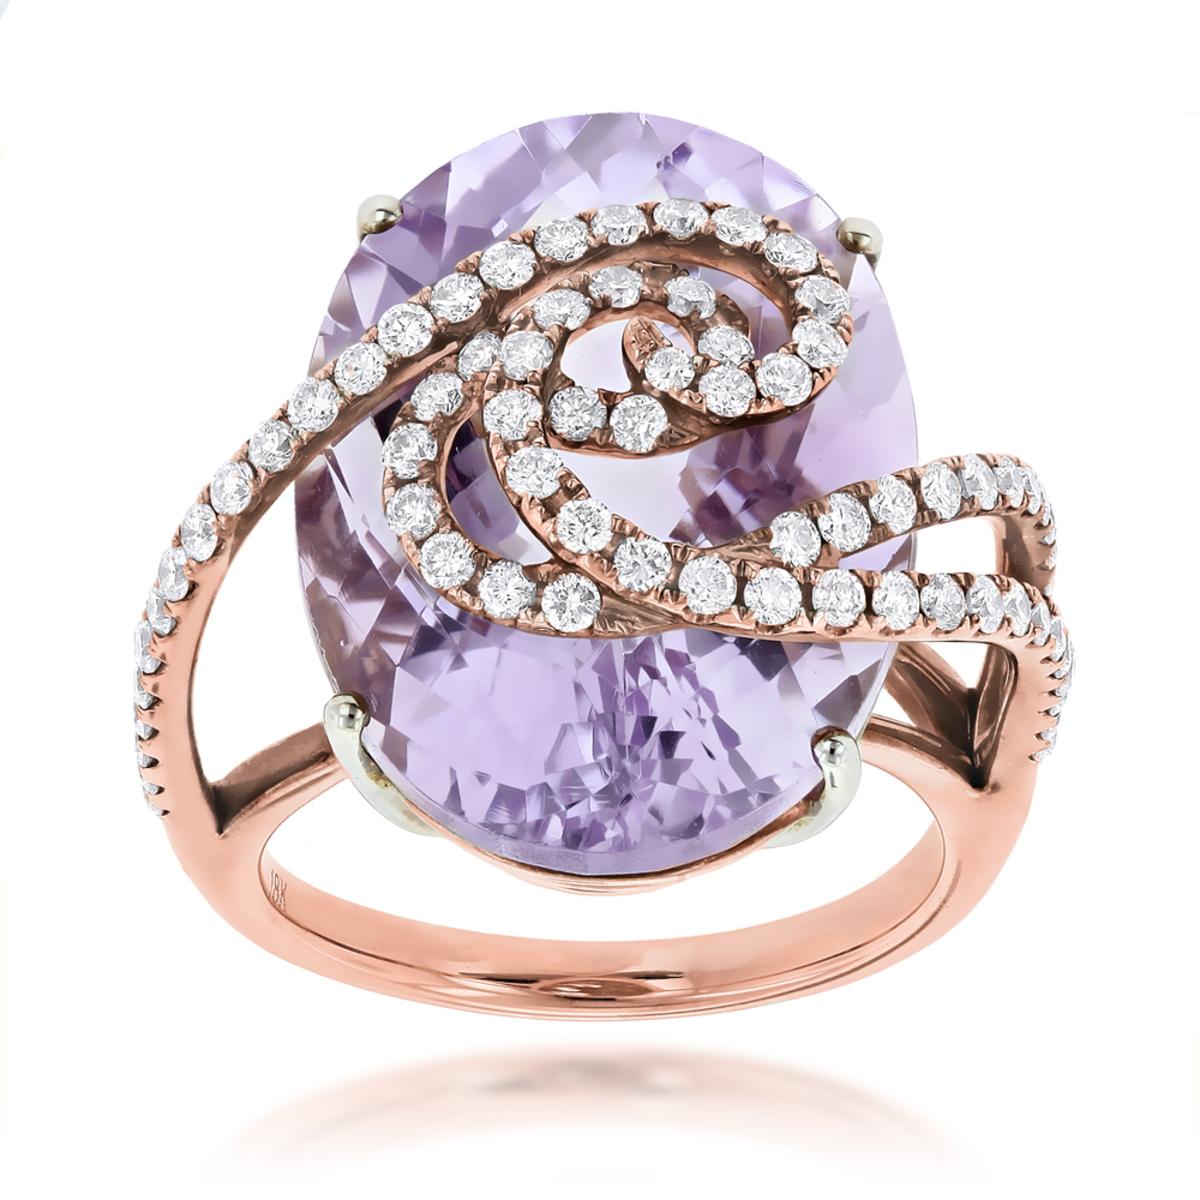 Rose Gold Amethyst Diamond Ring for Women 14K Gold 1.1ct